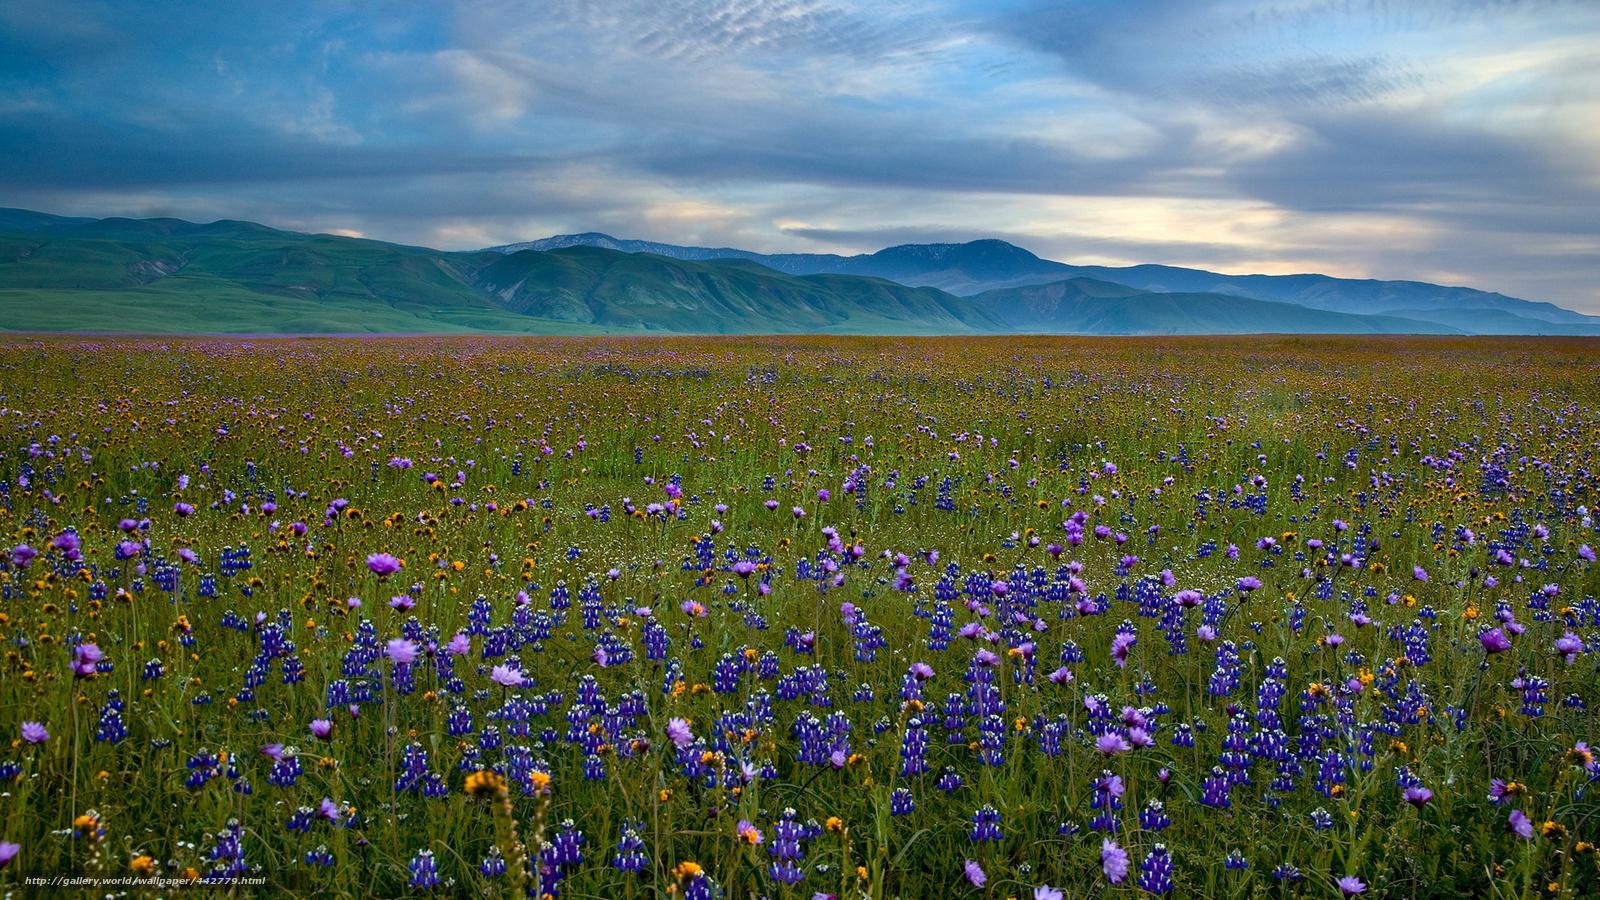 壁纸 草原 风景 摄影 桌面 1600_900